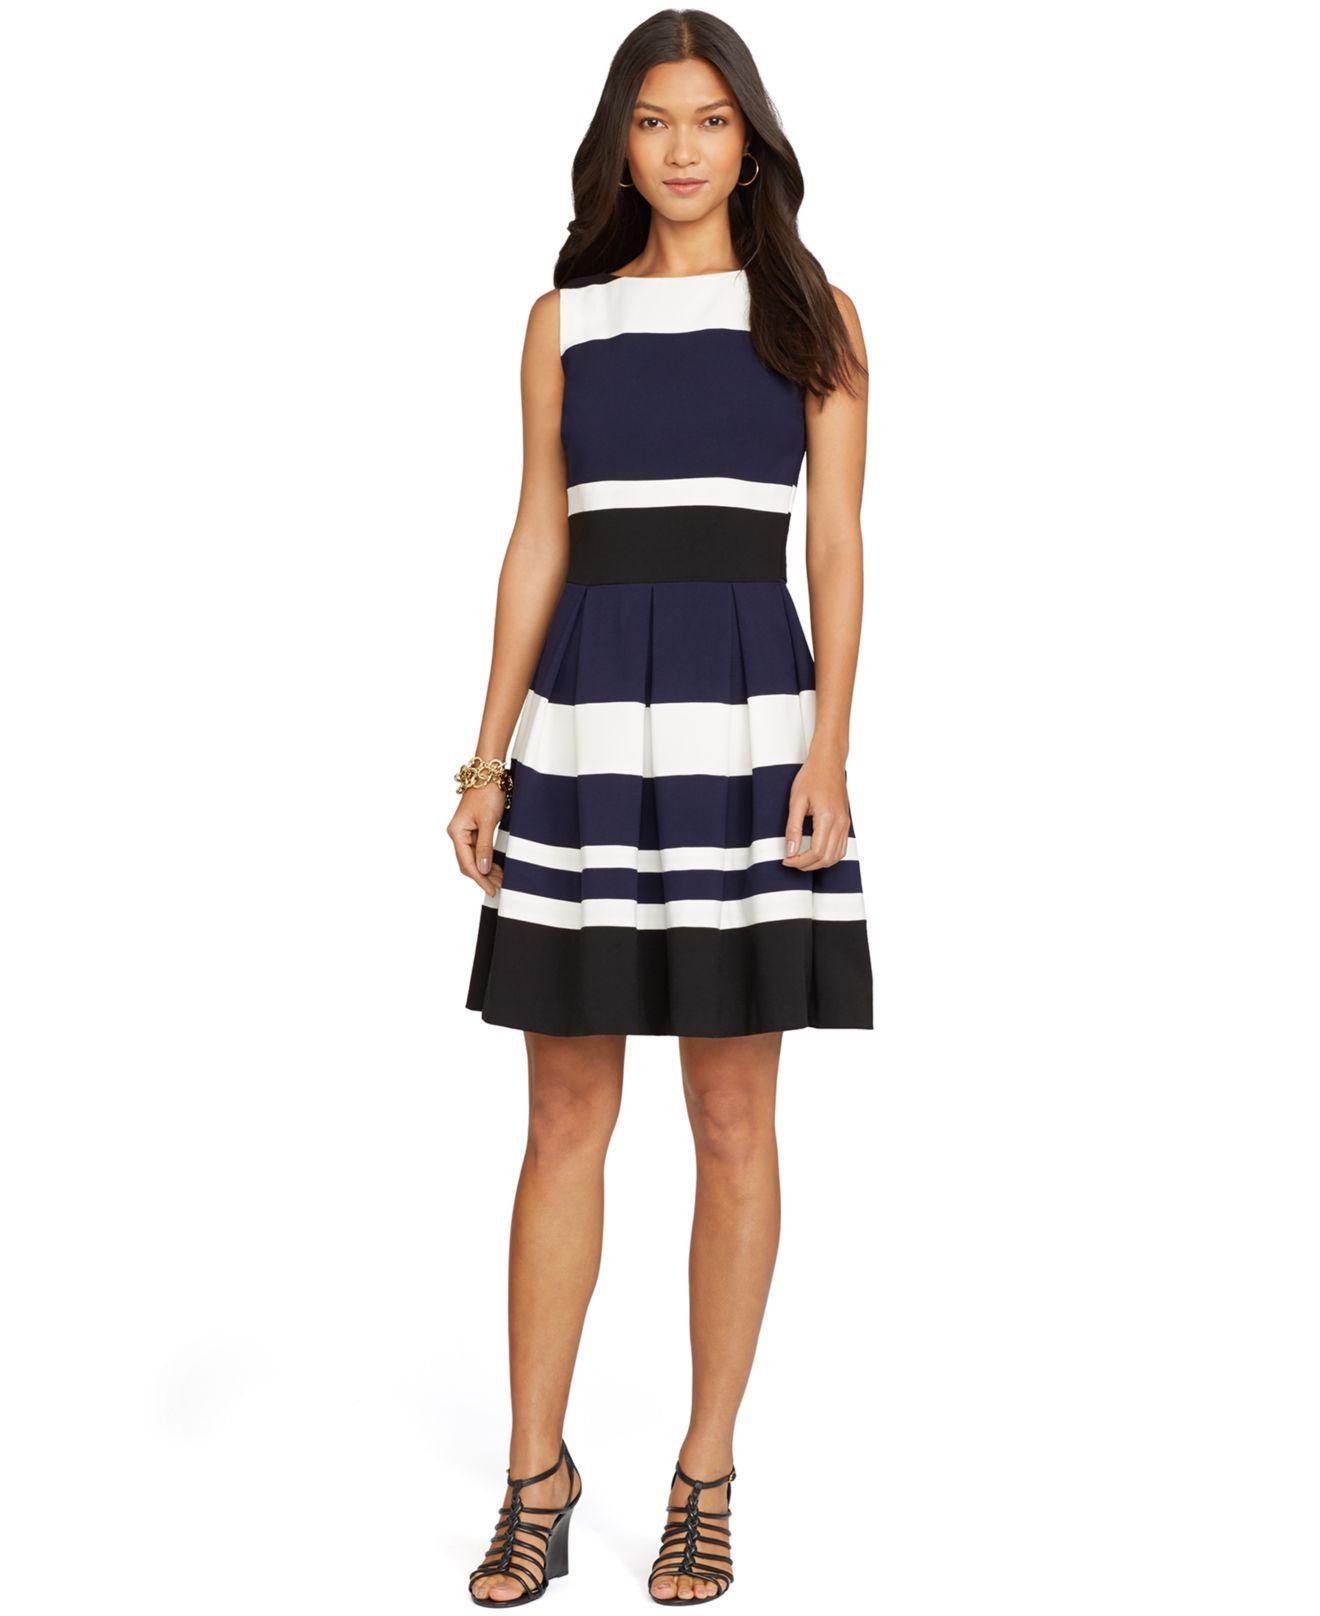 1e0360facb69d Lyst - Lauren by Ralph Lauren Striped Sleeveless Dress in Blue